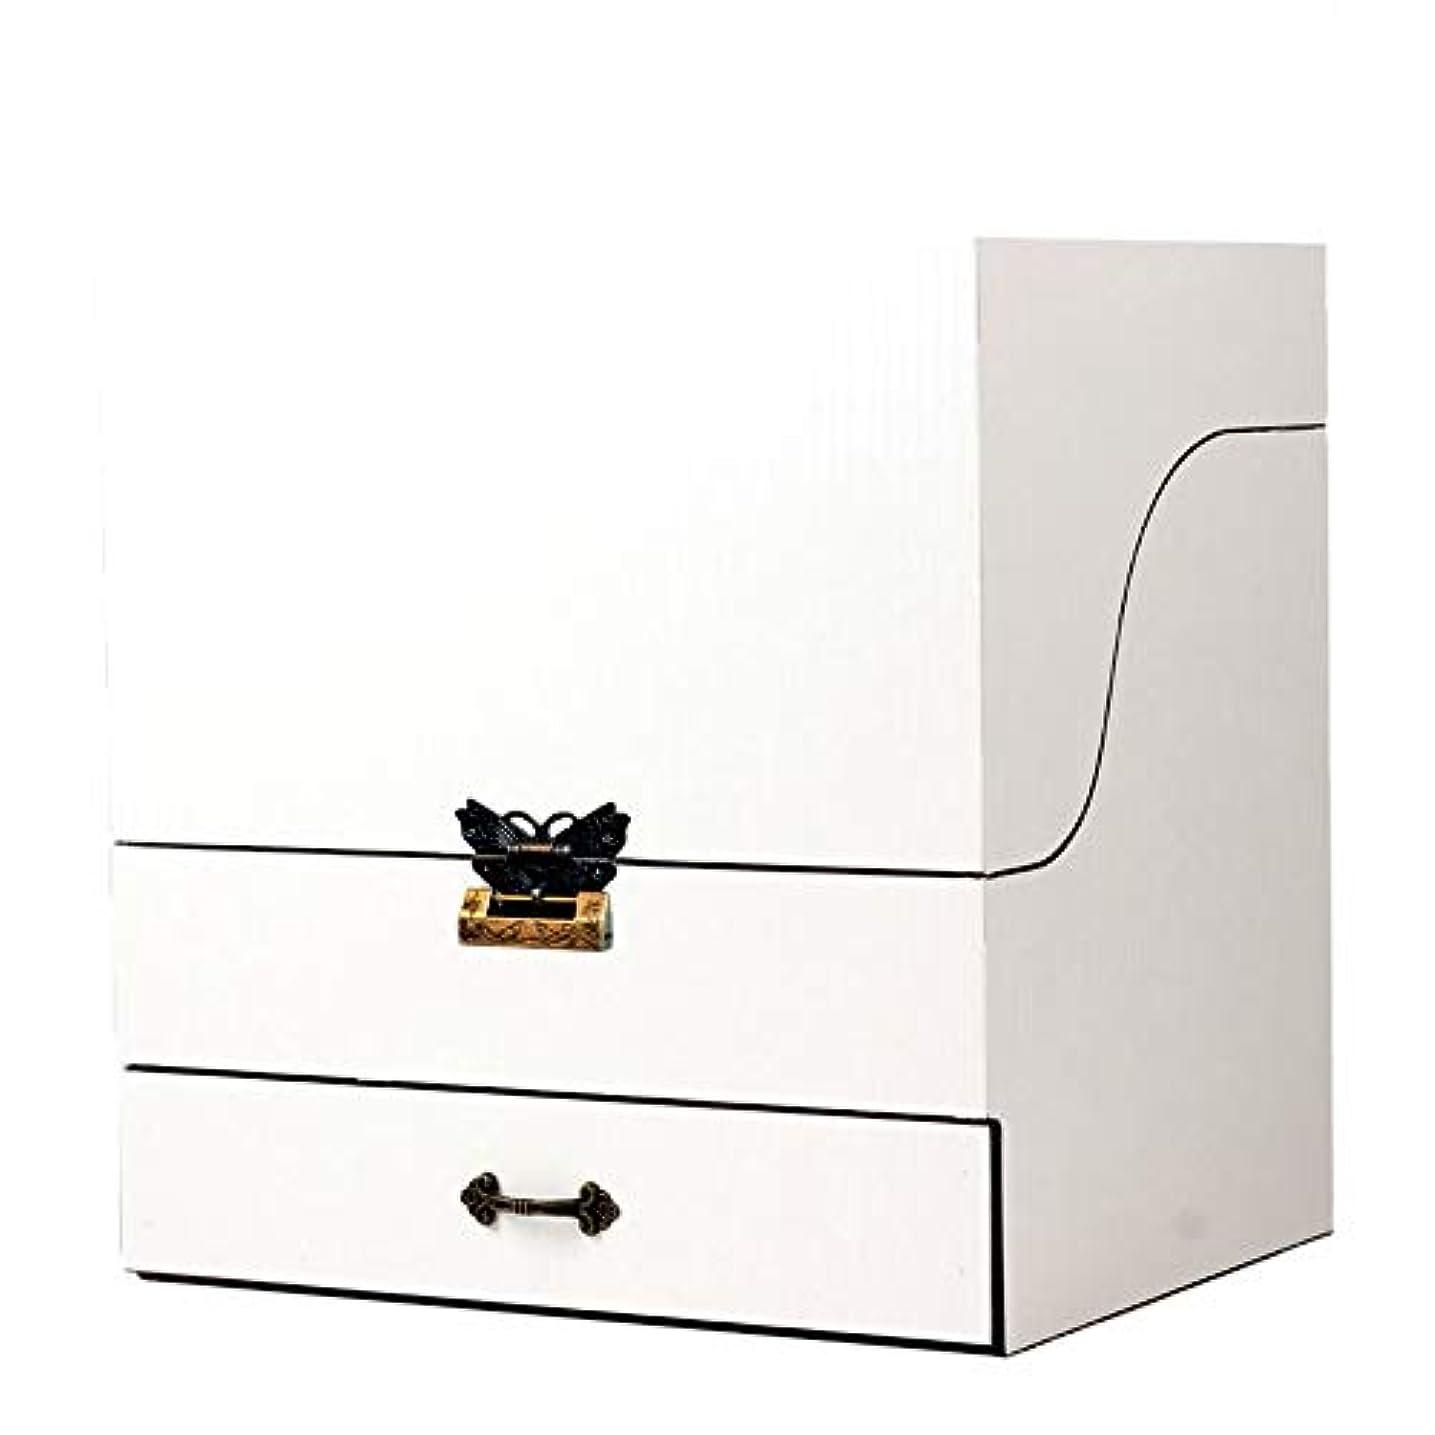 絶滅ボクシングライラックメイクボックス コスメボックス ジュエリー収納ボックス 鏡付き 大容量 木製 化粧品収納 ジュエリー収納 小物入り おしゃれ 可愛い ホワイト コルク ピンク プレゼント